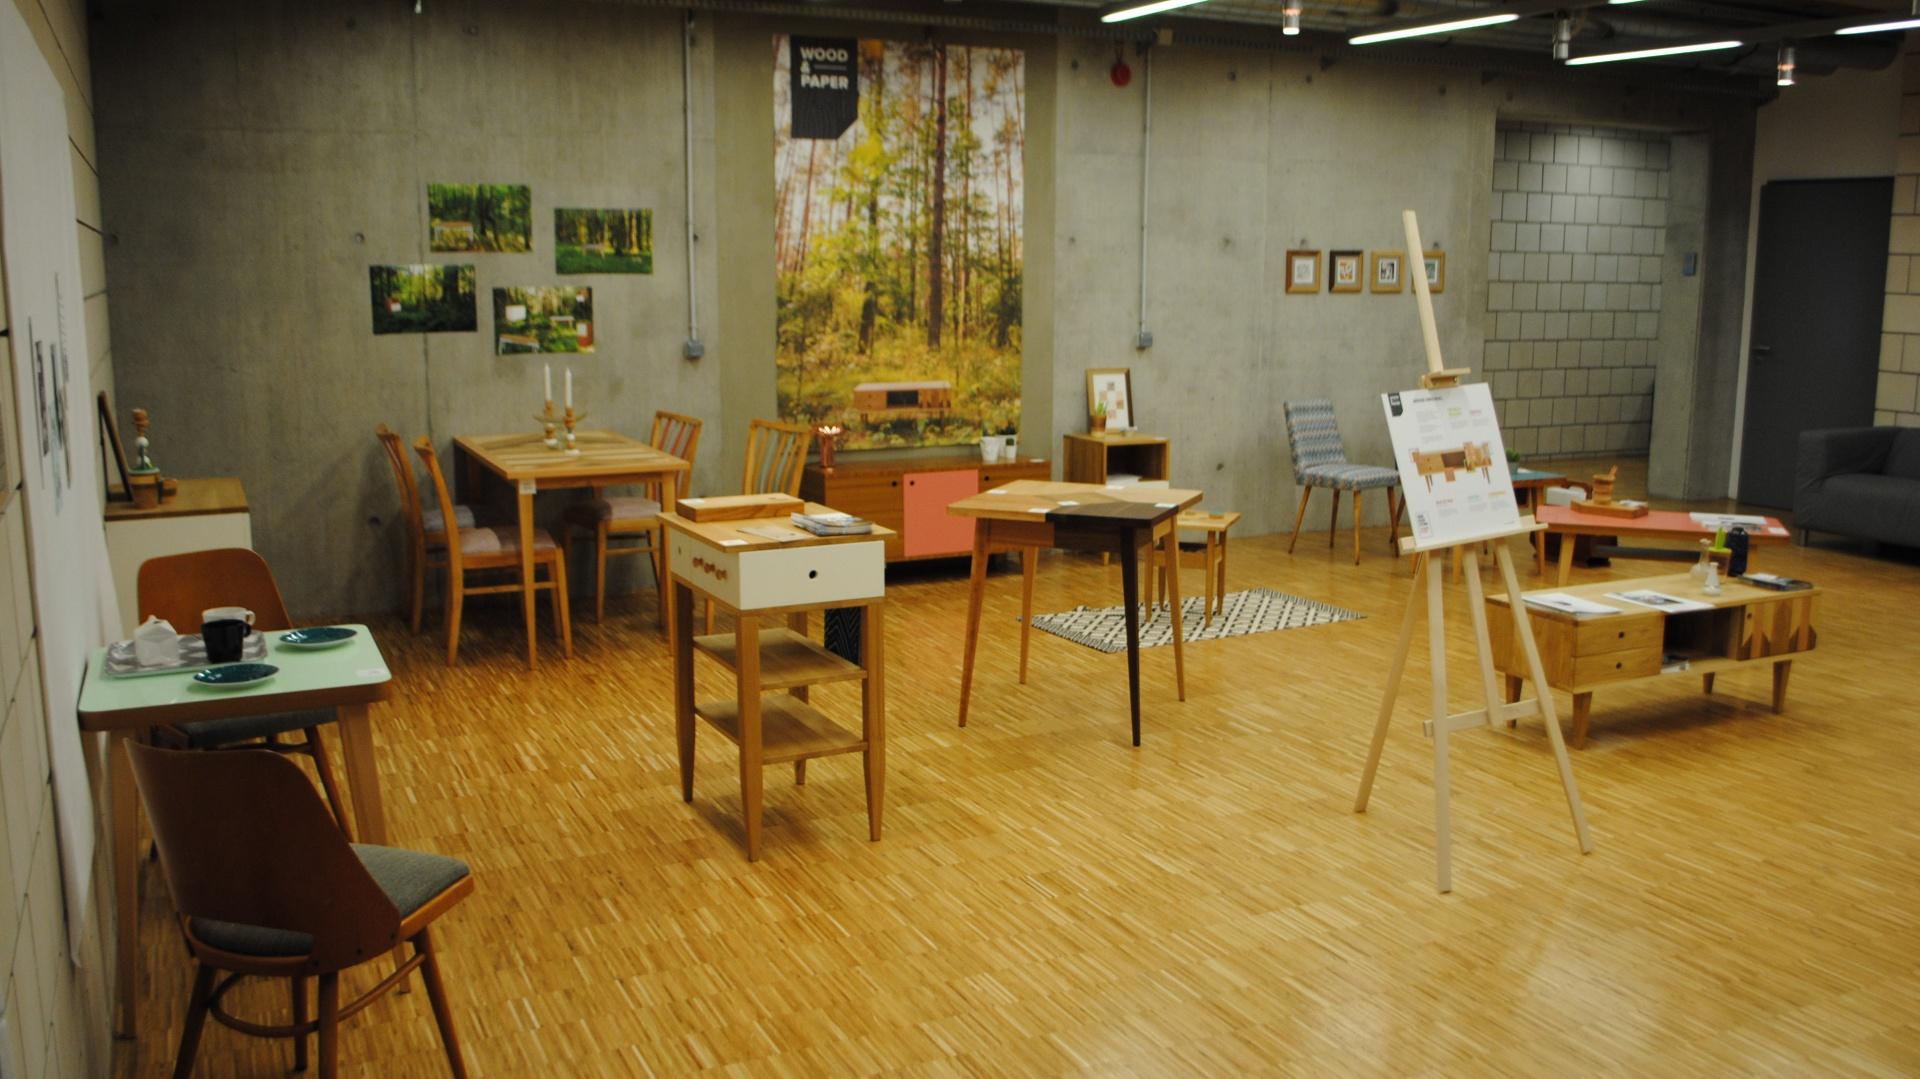 Wystawa marki Wood & Paper, promująca polskie wzornictwo meblarskie z lat 60-tych na festiwalu Wawa Design. Fot. Piotr Sawczuk